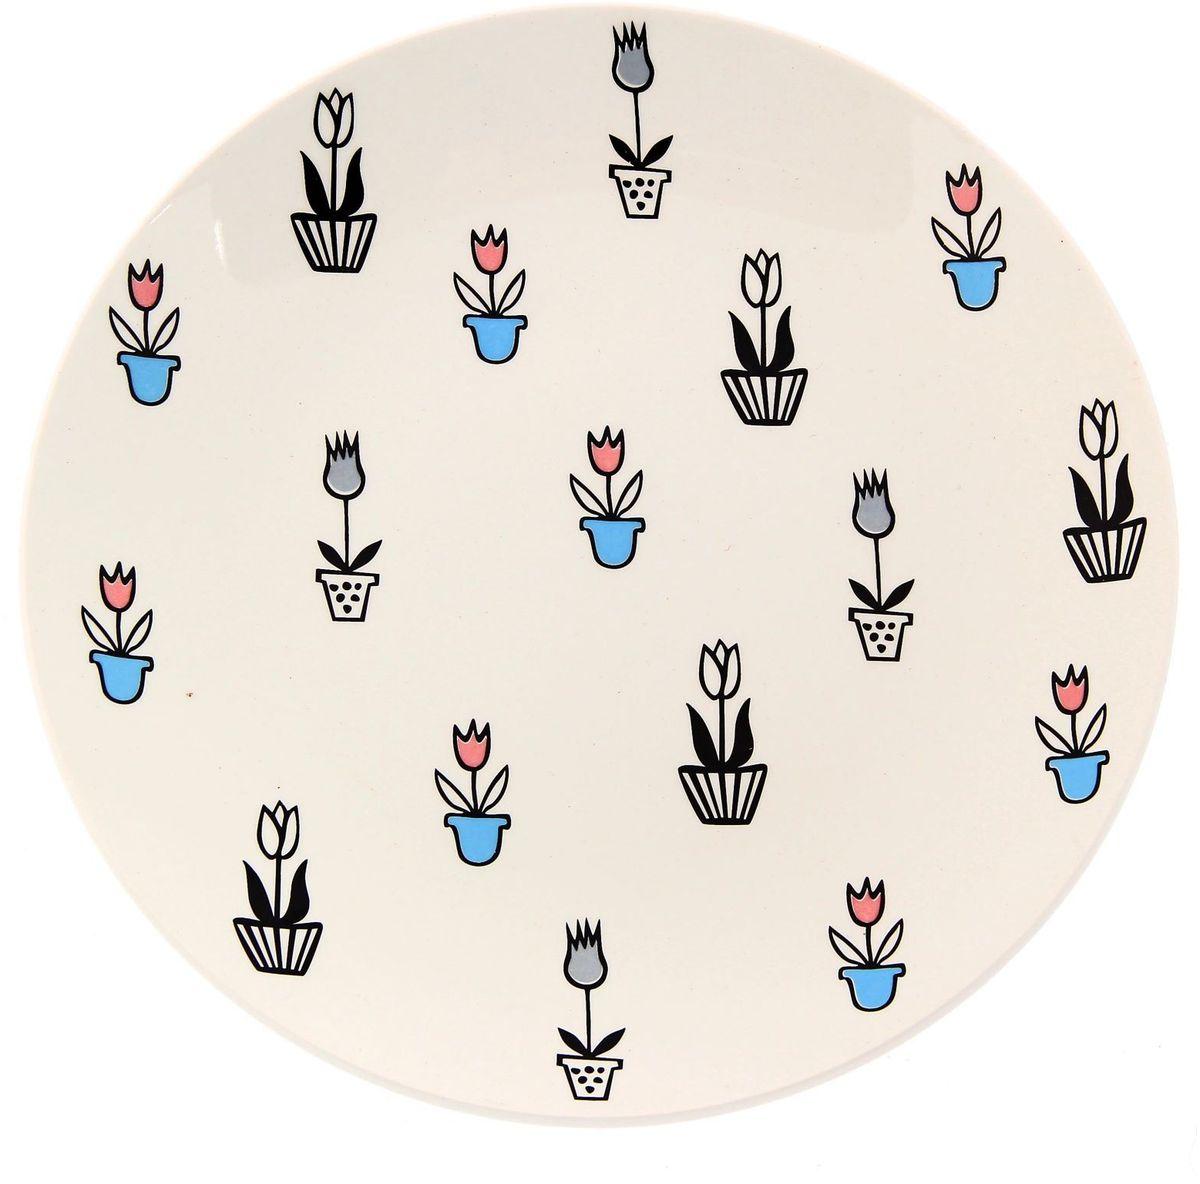 Тарелка Сотвори чудо Тюльпаны, диаметр 22 см2277895Хотите обновить интерьер кухни или гостиной? Устраиваете необычную фотосессию или тематический праздник? А может, просто ищете подарок для близкого человека? Посуда Сотвори Чудо — правильный выбор в любой ситуации. Тарелка Сотвори Чудо, изготовленная из изящного фаянса нежного сливочного цвета, оформлена оригинальным рисунком со стойкой краской. Пригодна для посудомоечной машины.